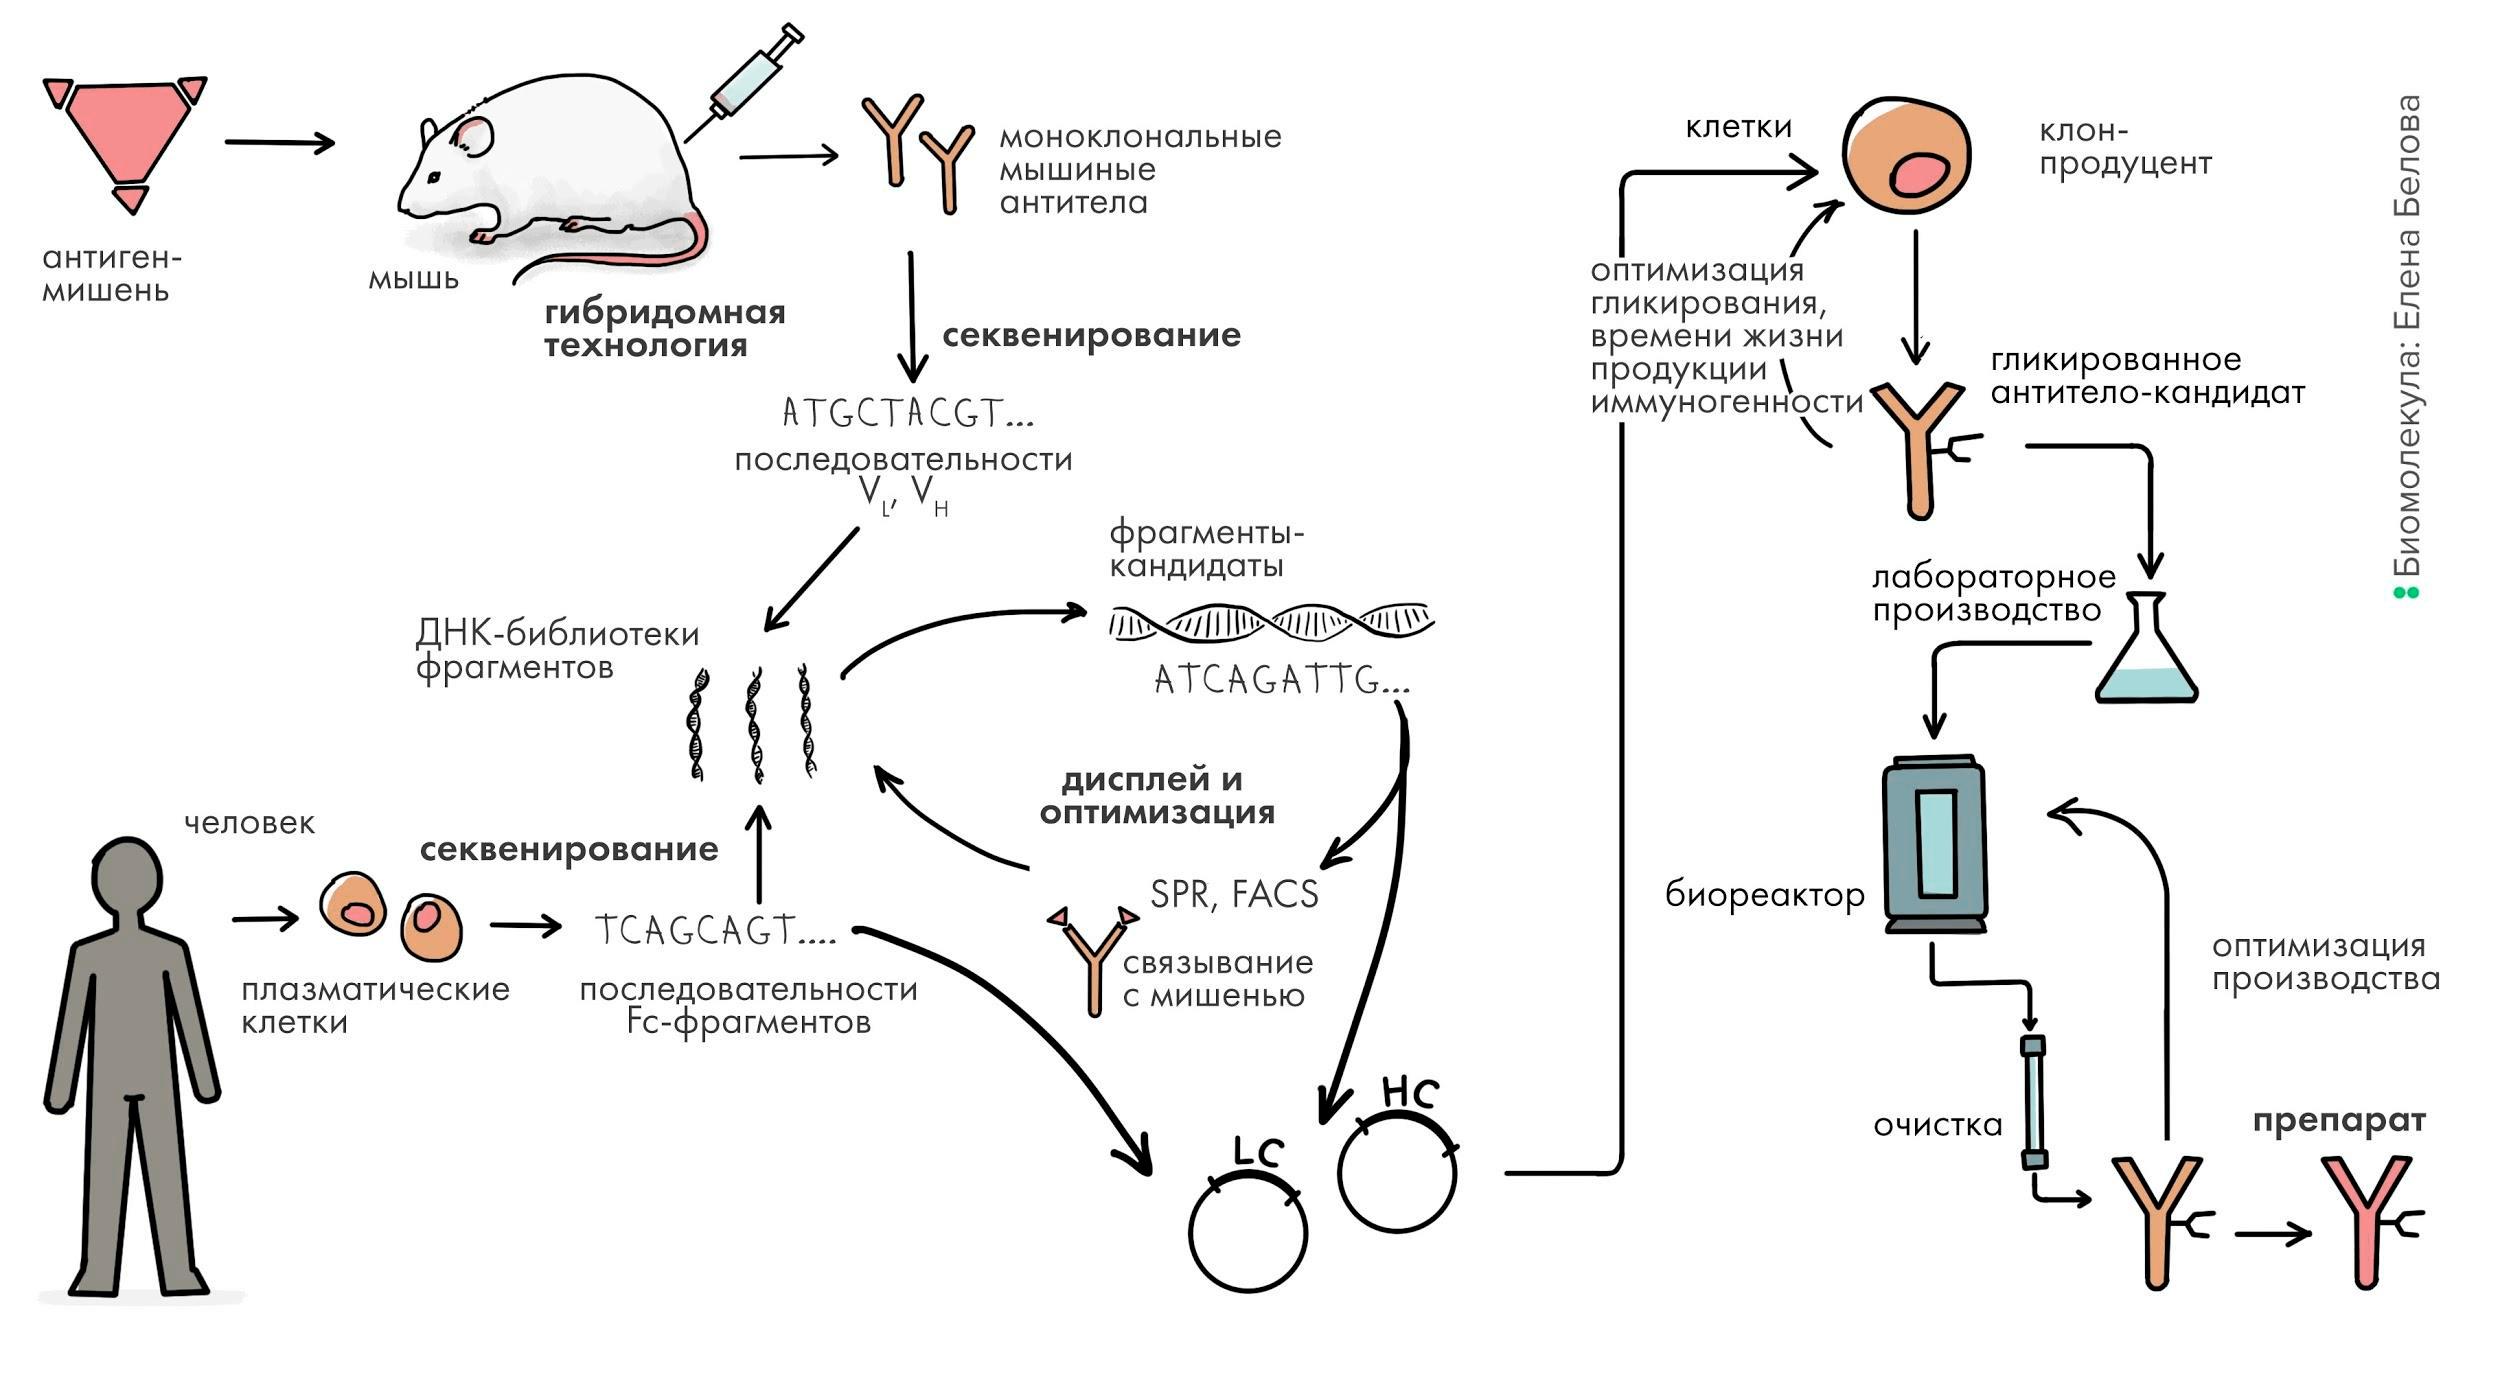 Общая схема разработки антитела